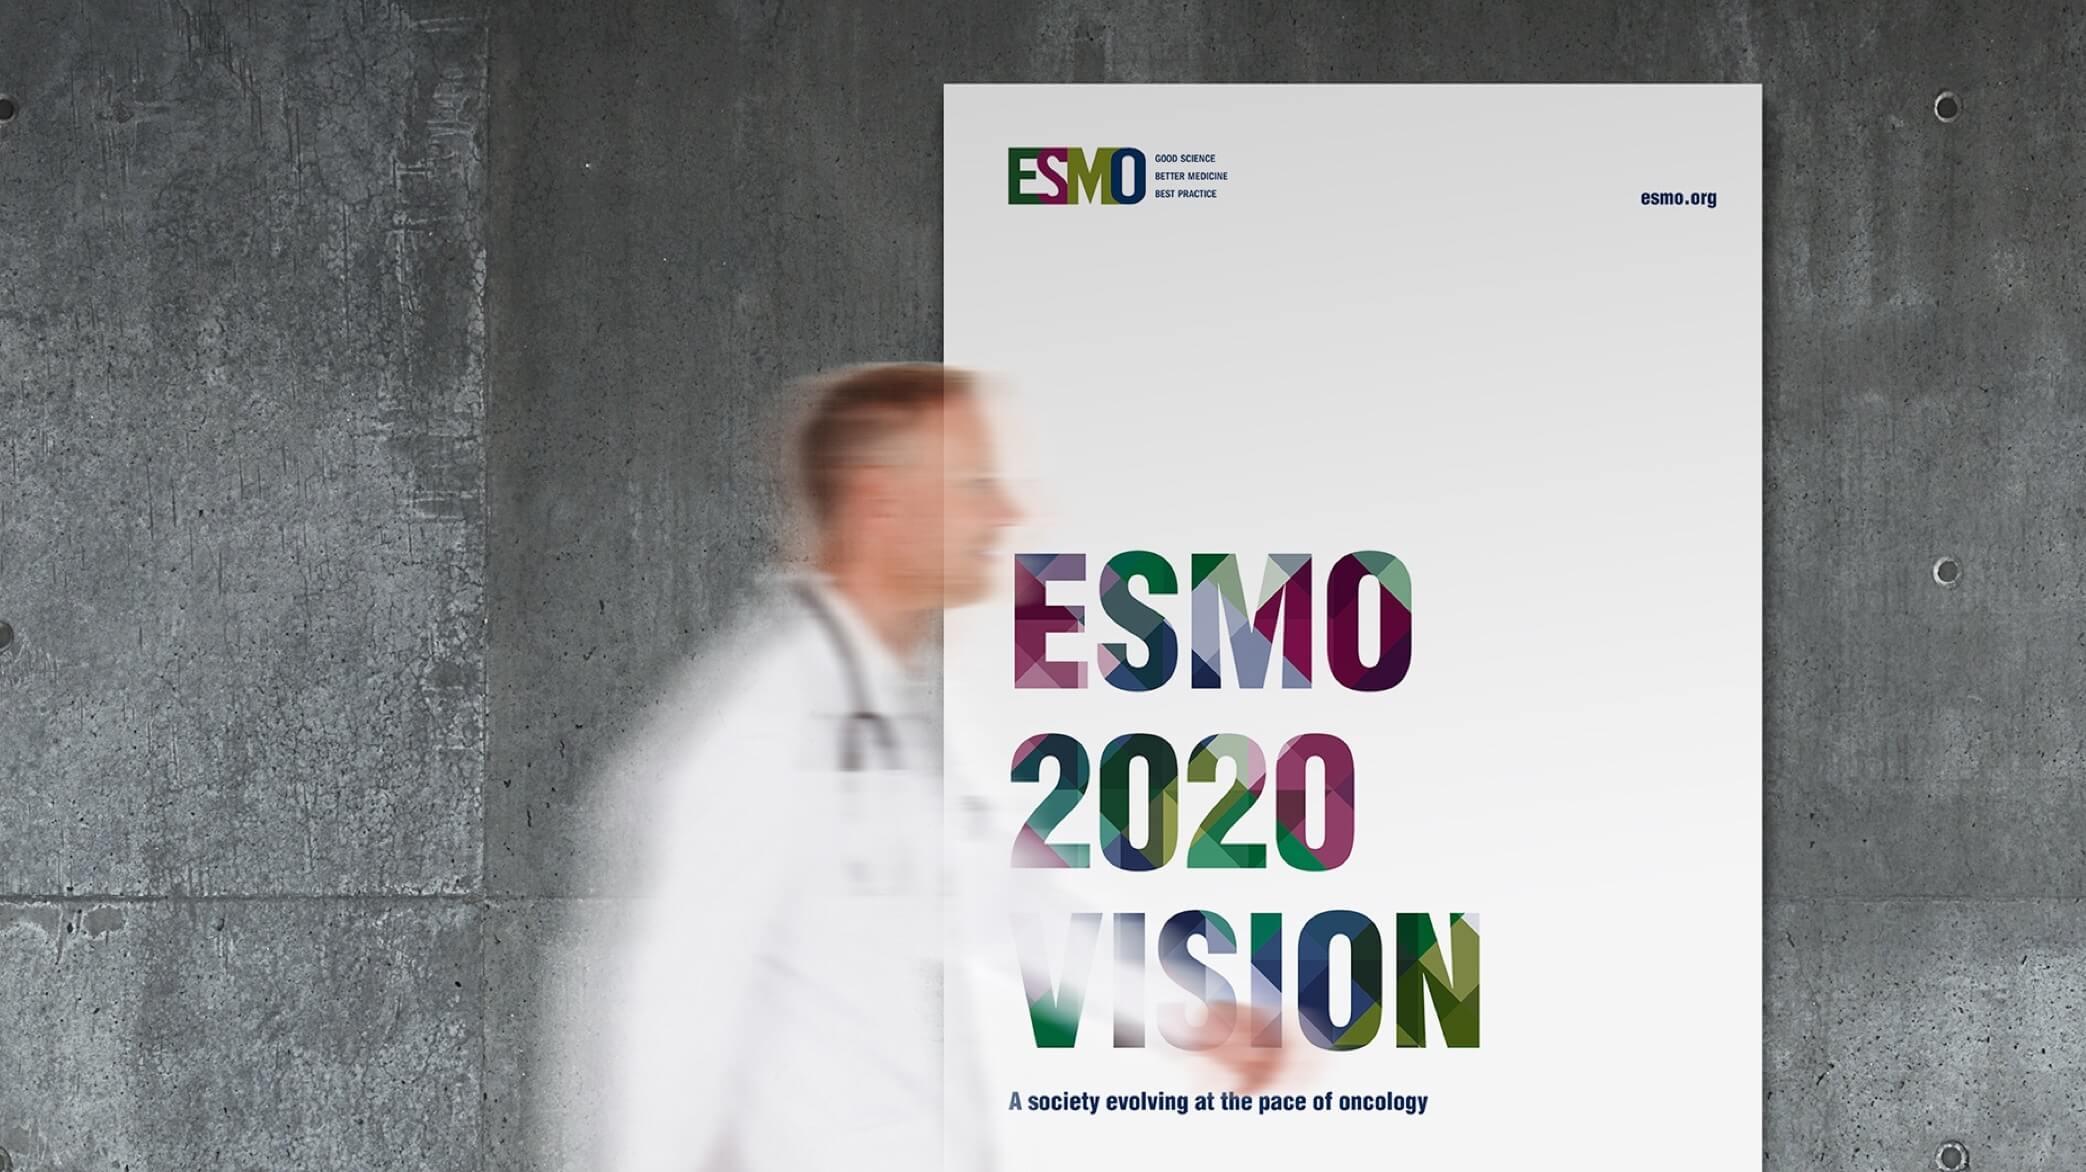 esmo1